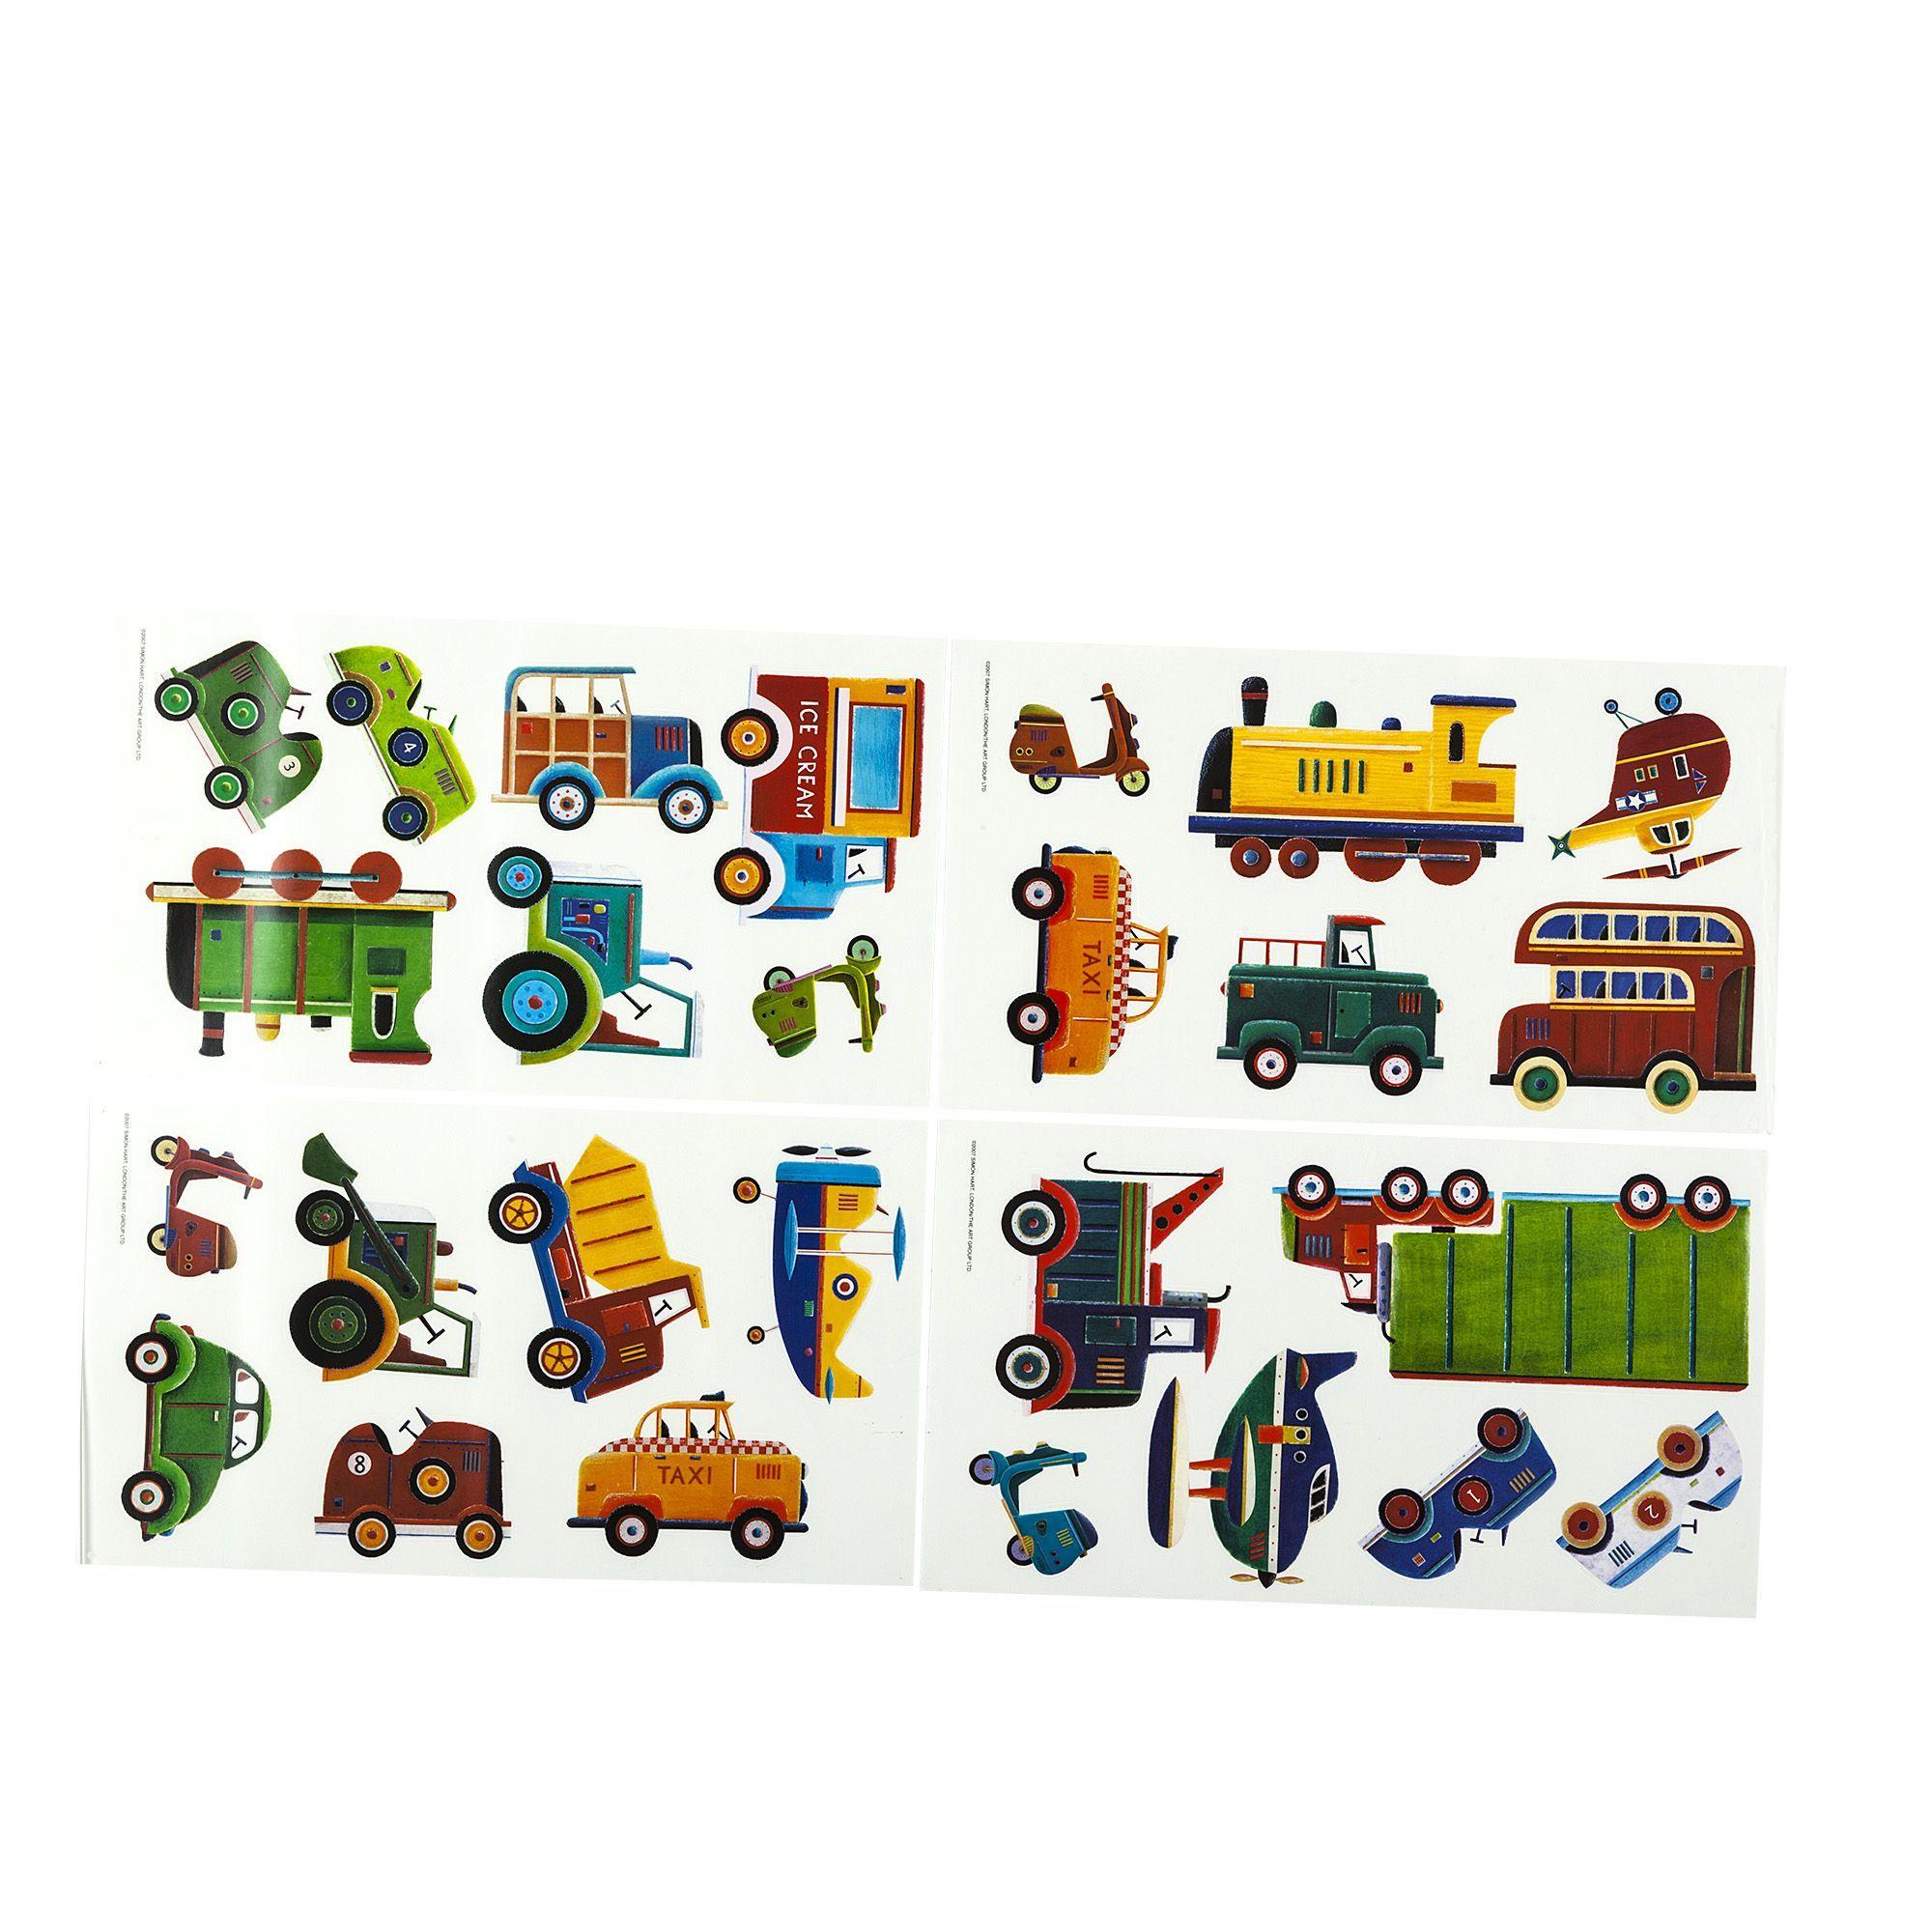 Stickers repositionnables pour enfant Th¨me transports